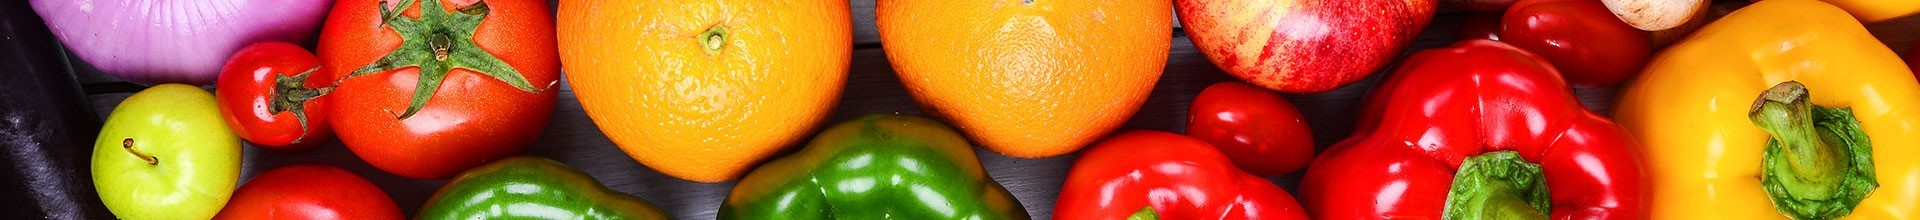 Cageot de fruits & légumes